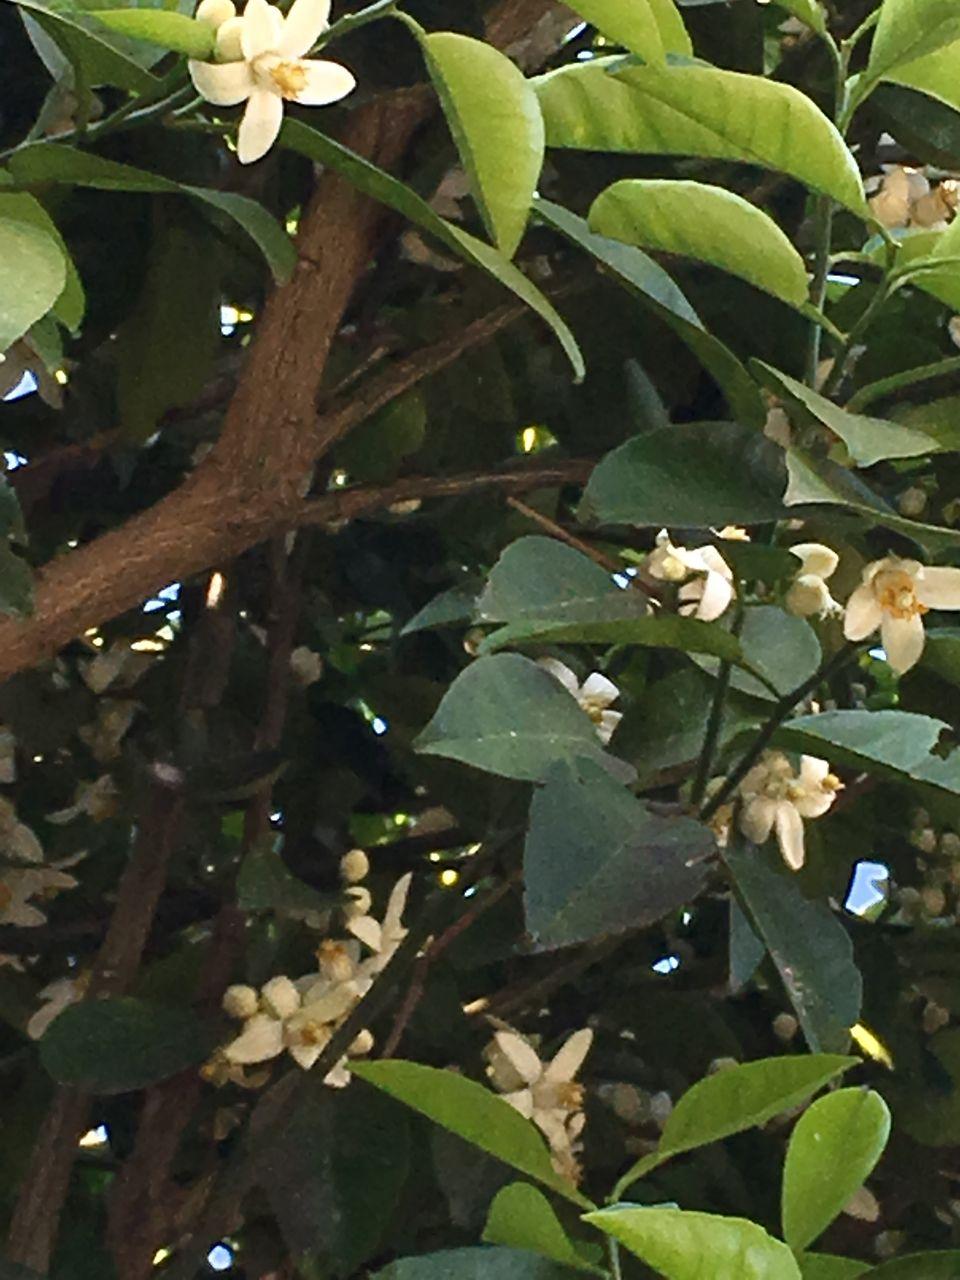 熊本市東区若葉にある事務所の庭の蜜柑の木に白い花が咲きだしました。まだまだ蕾だおもっていたらたくさんの花が開いていていました。自然環境に恵まれた中で仕事が出来ることに感謝したいと思います。熊…